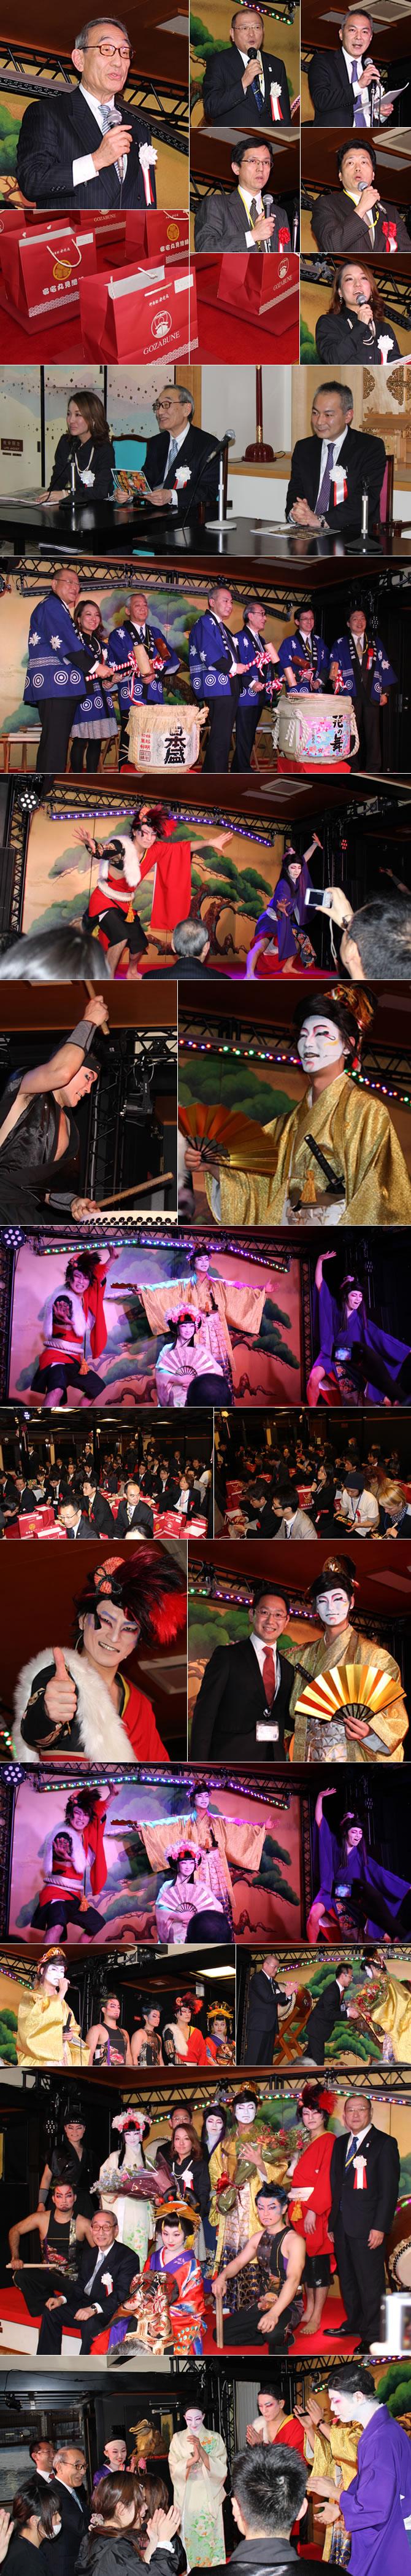 御座船安宅丸 The Samurai Ship ATAKEMARU